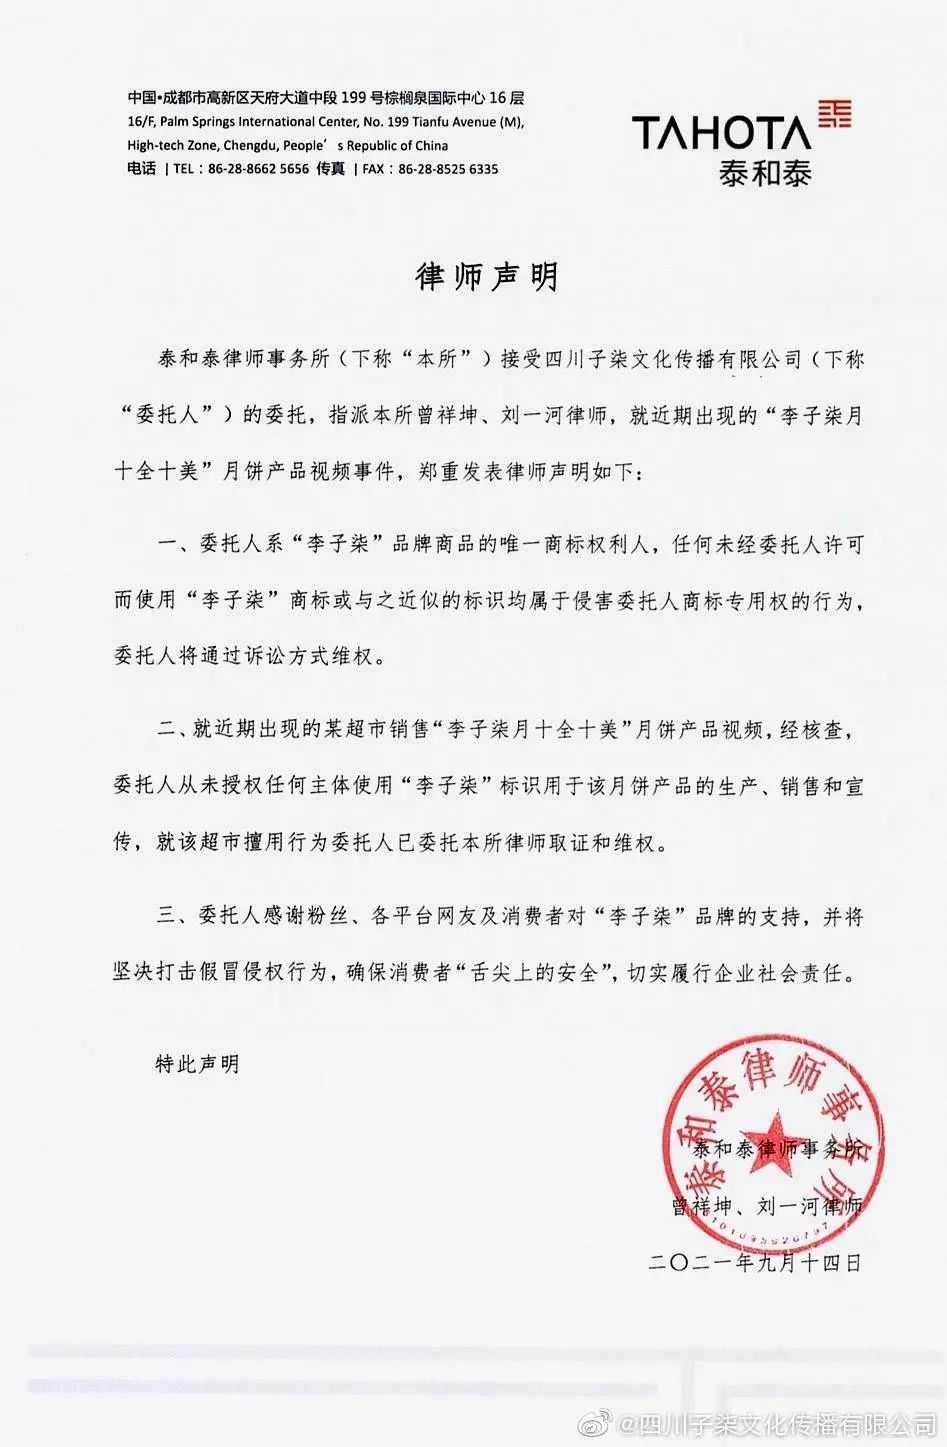 李子柒公司声明:未授权网传超市月饼,将依法维权;天猫双11商家报名今日启动